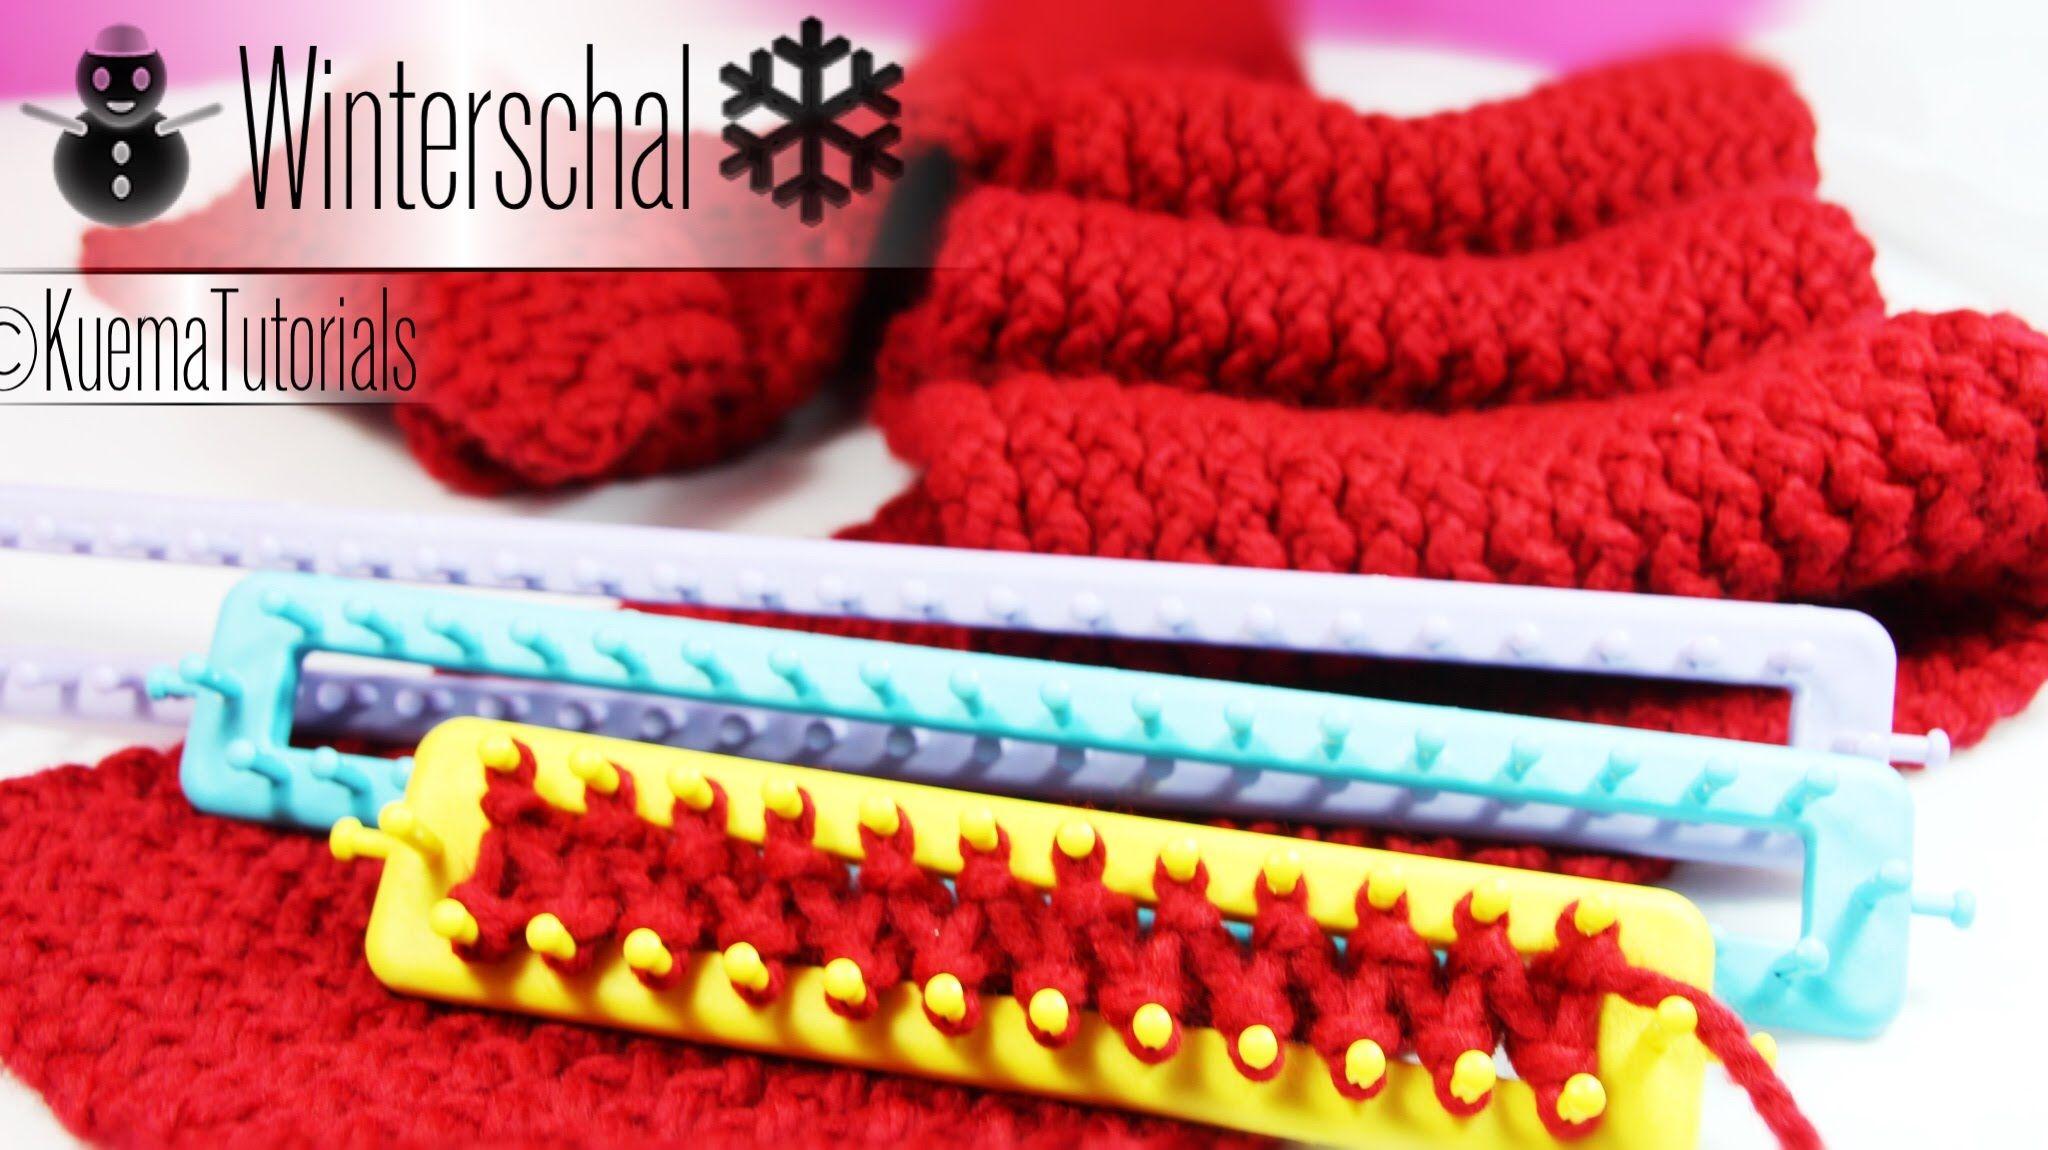 Knitting Loom - einfacher kuscheliger Winterschal | Häkeln ...